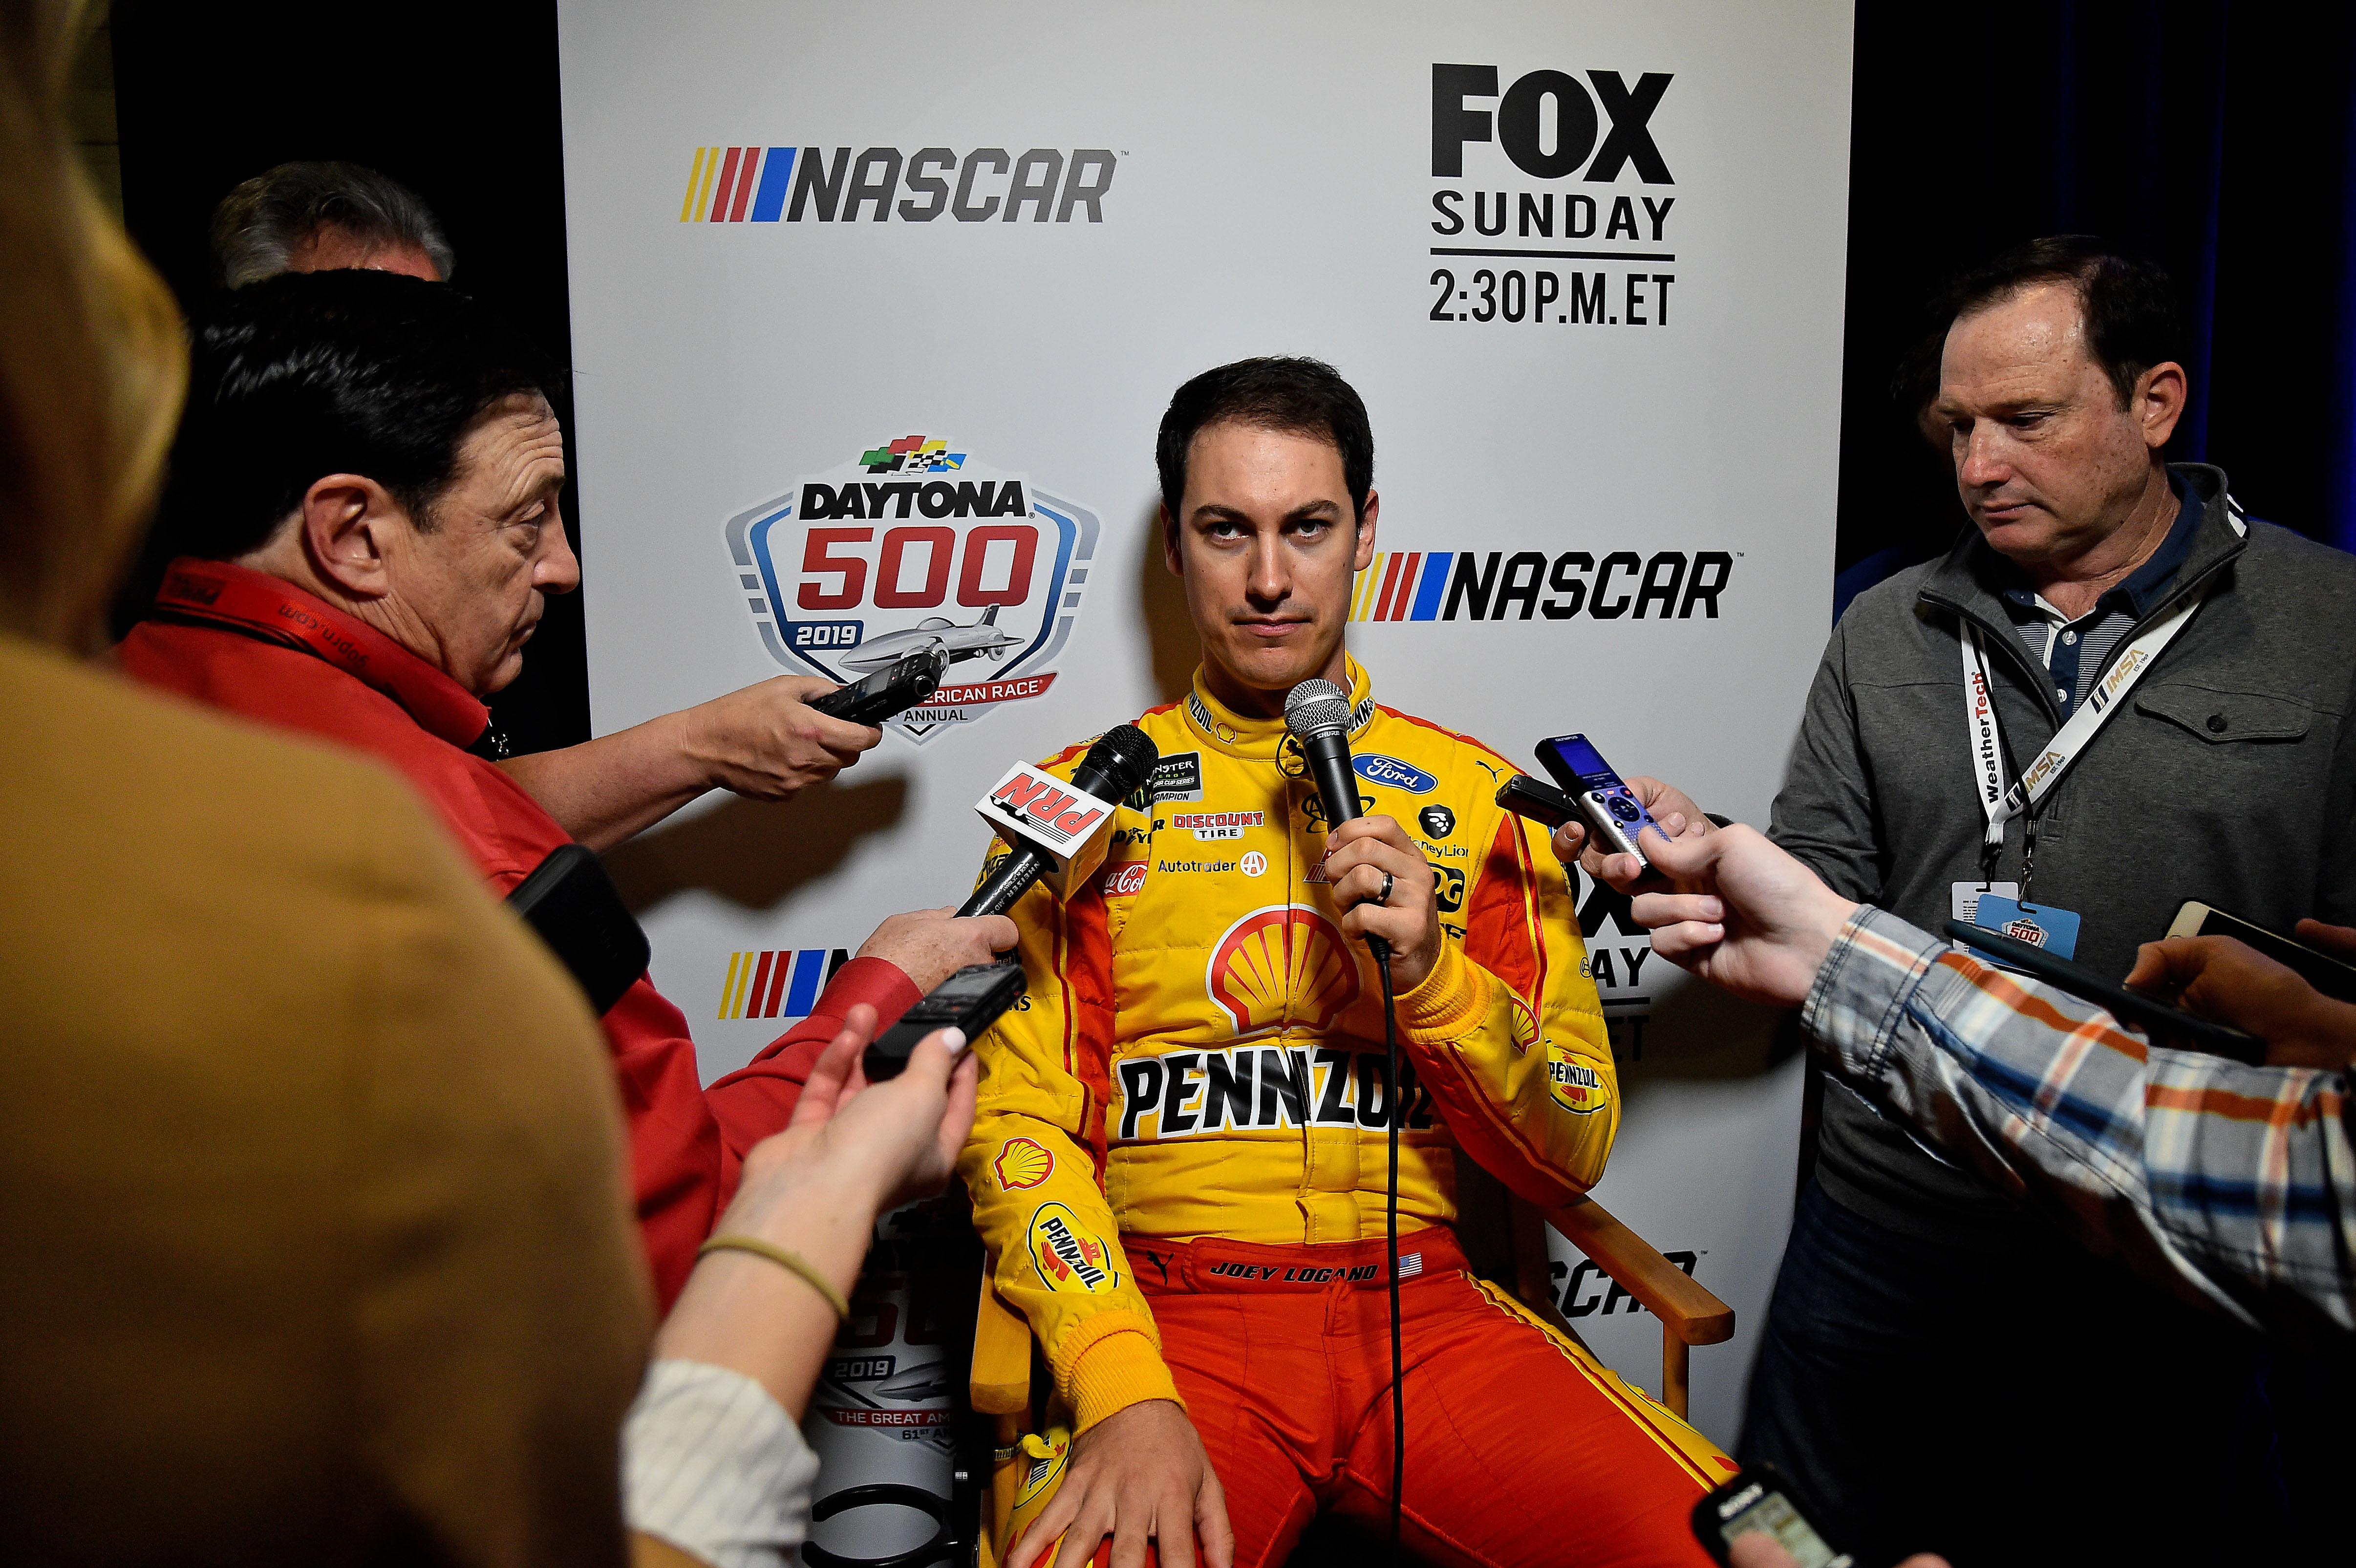 NASCAR: Daytona 500 Media Day